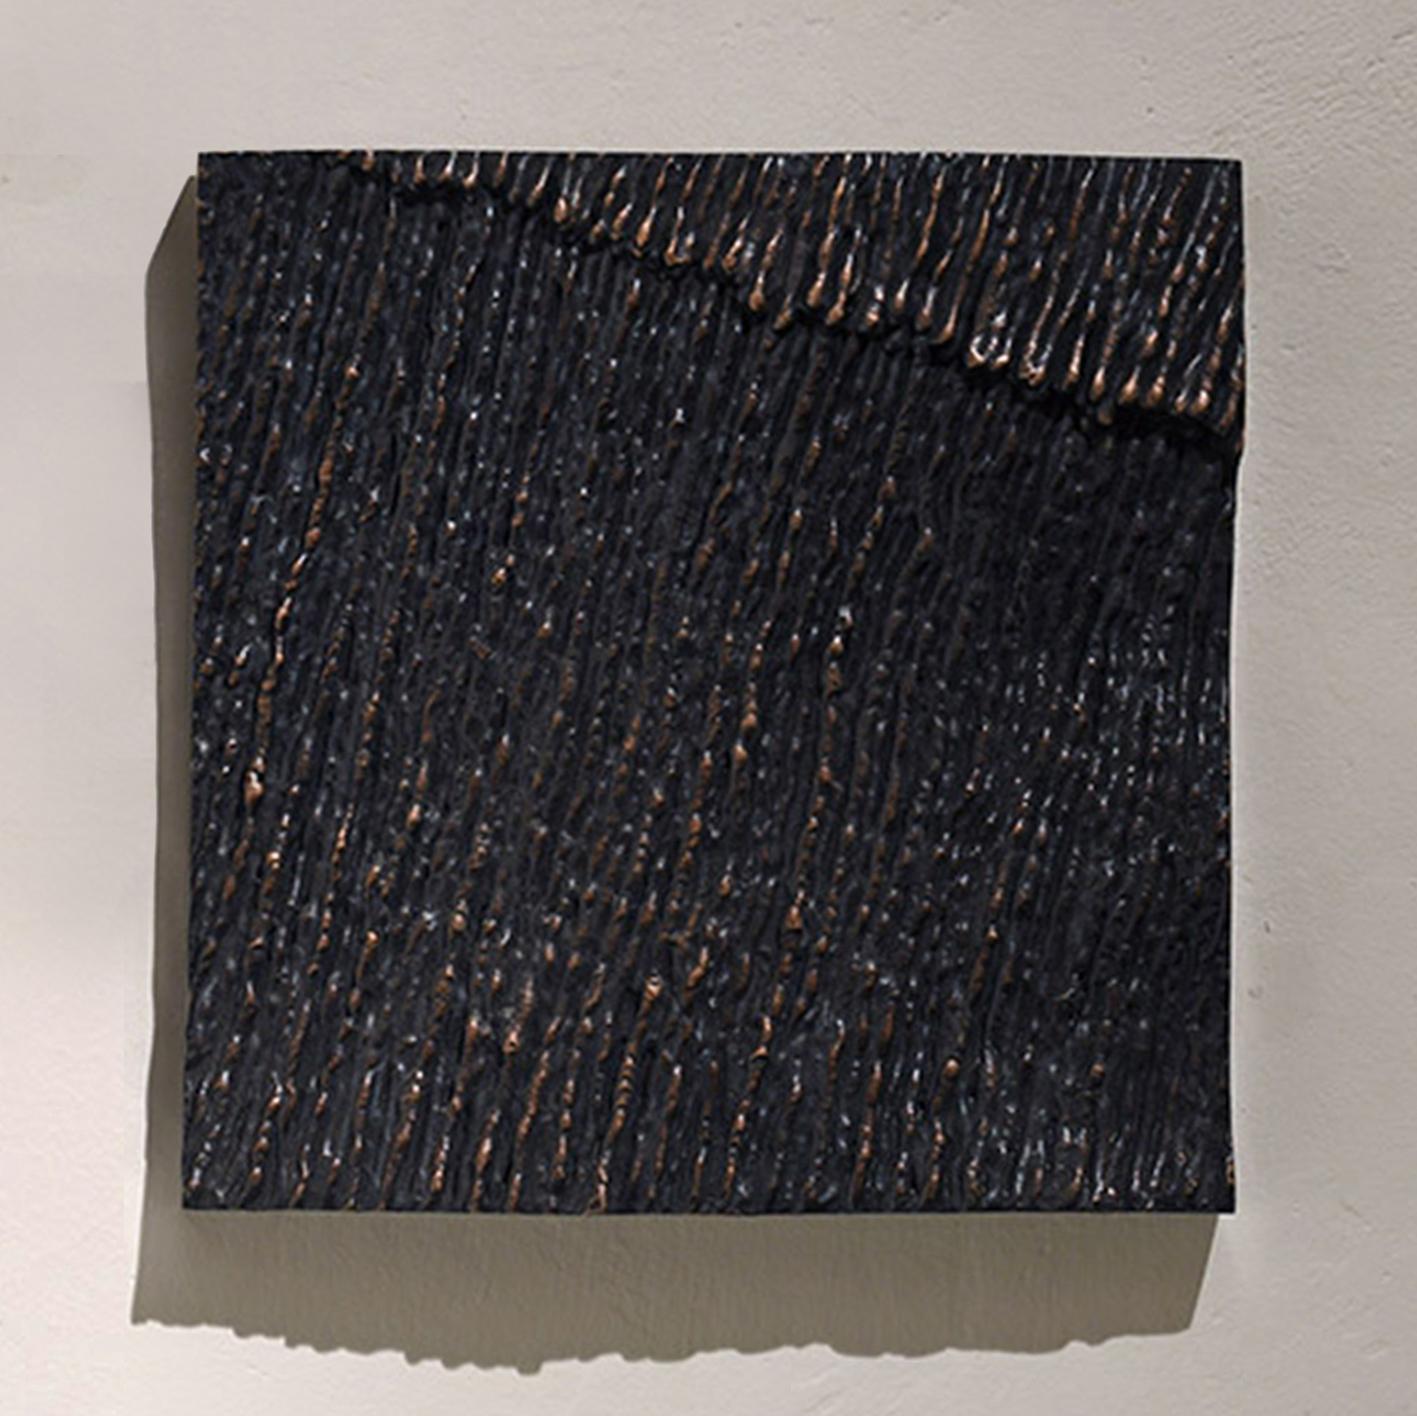 Déšť II., 30x30 cm, bronz, 45 000 Kč (bez DPH)